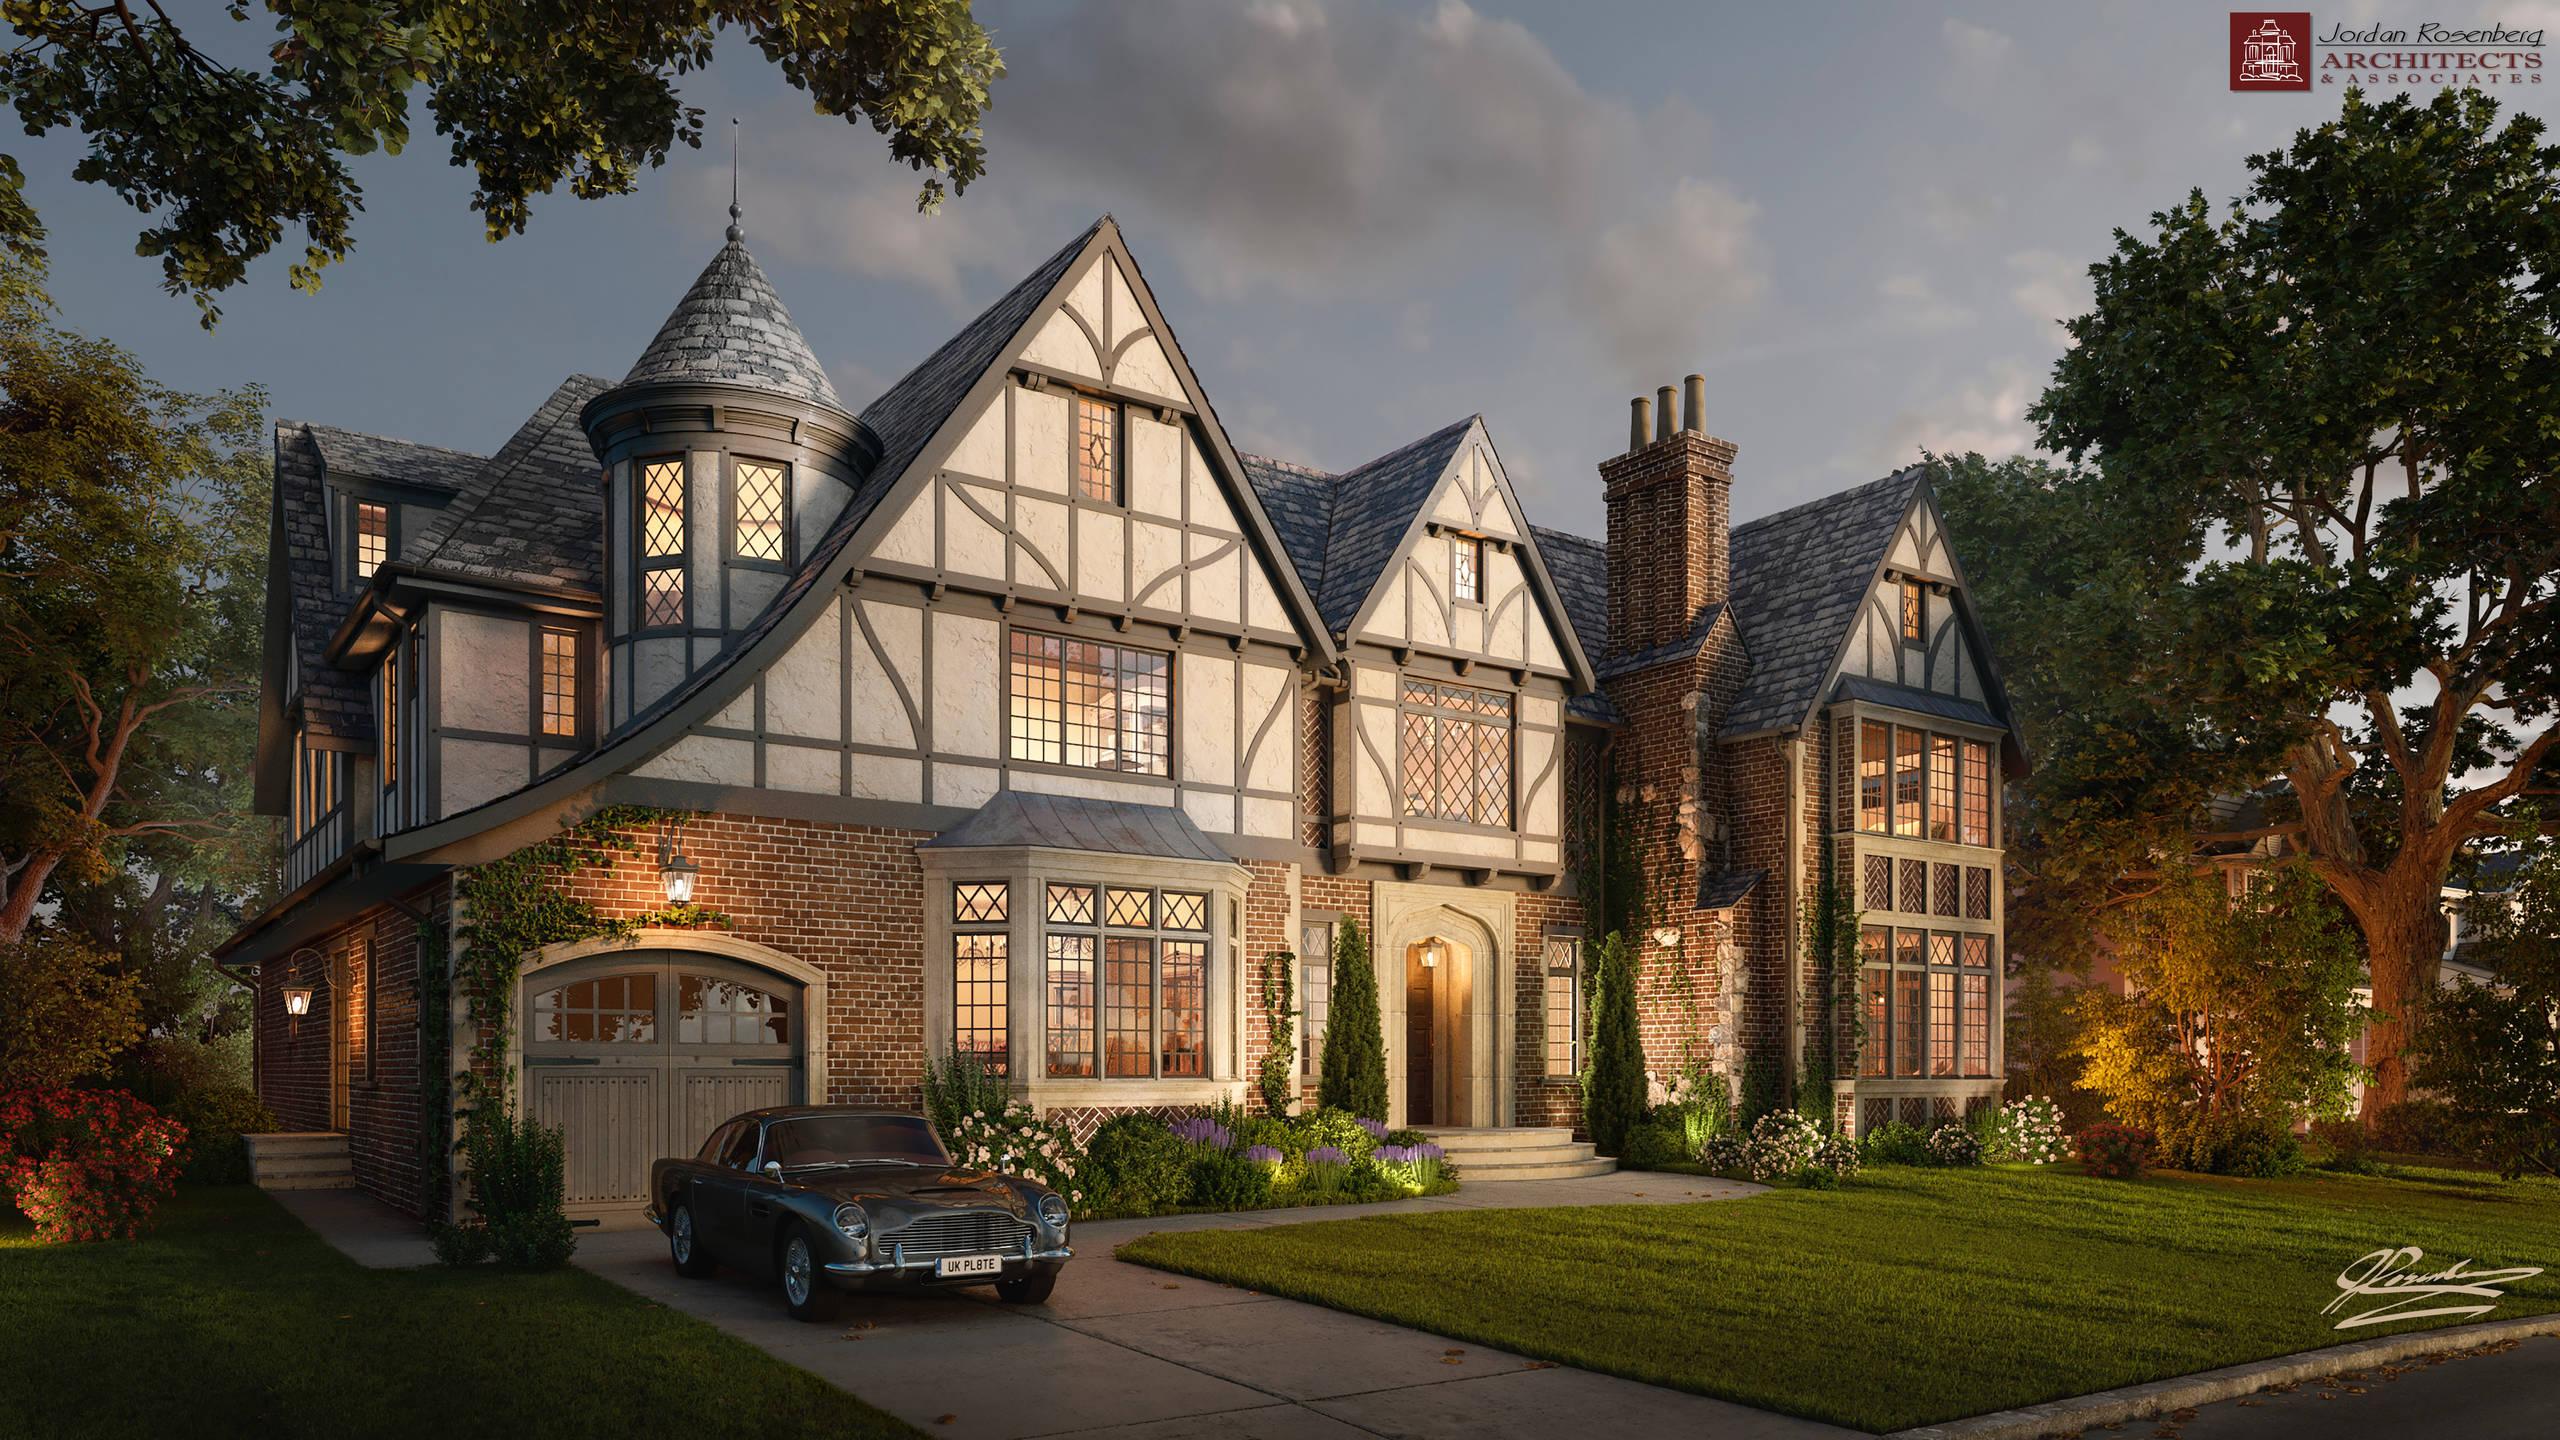 New Tudor Mansion In Long Island NY